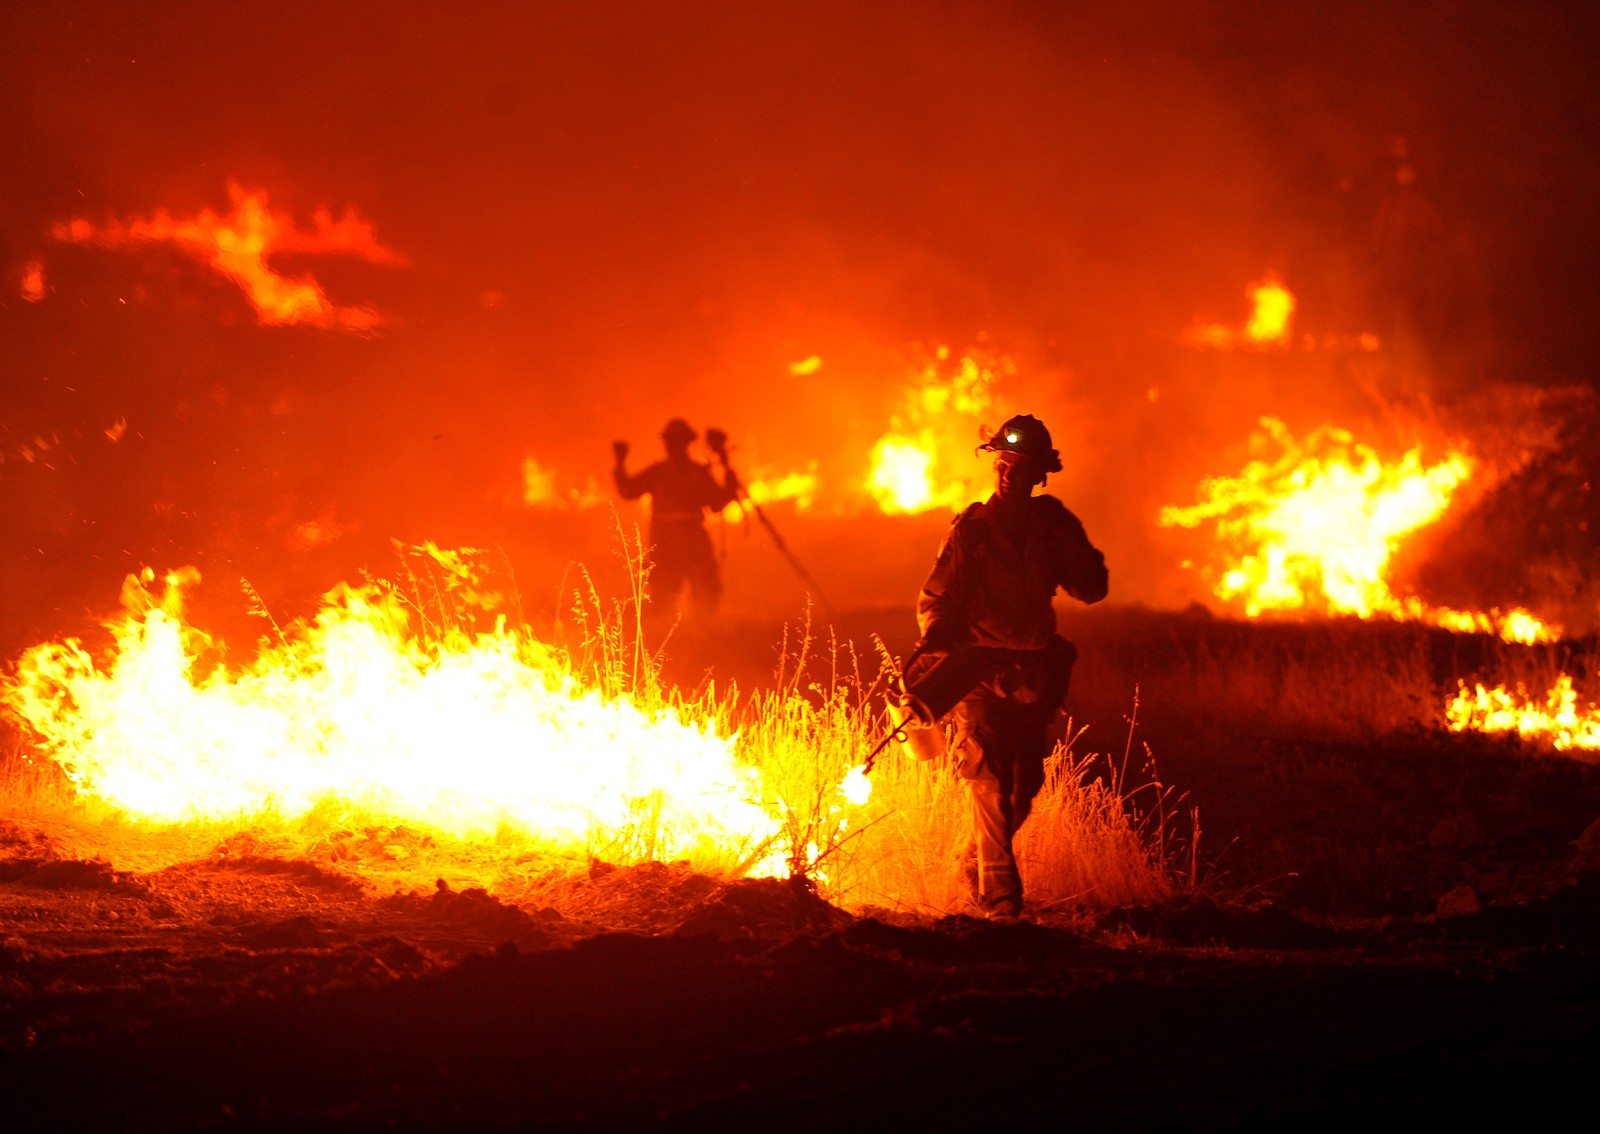 En brannmann forsøker å slokke brannen som brenner i nærheten av Clearlake, Californa.